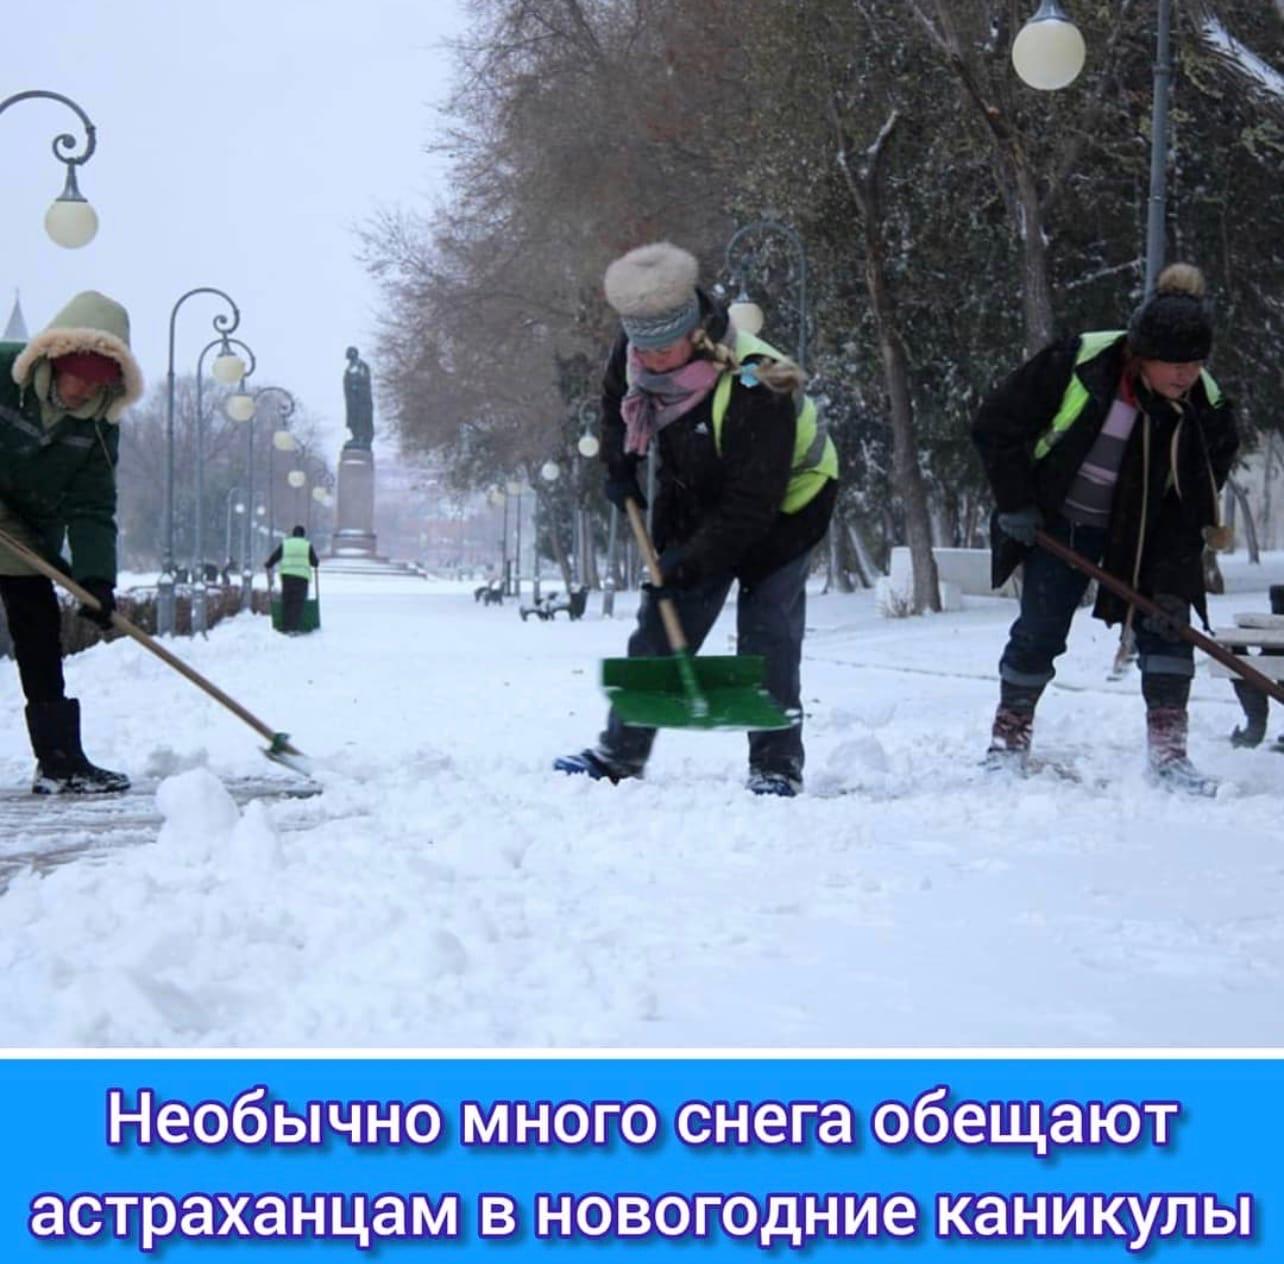 Портал Гисметео составил новогодний прогноз погоды.